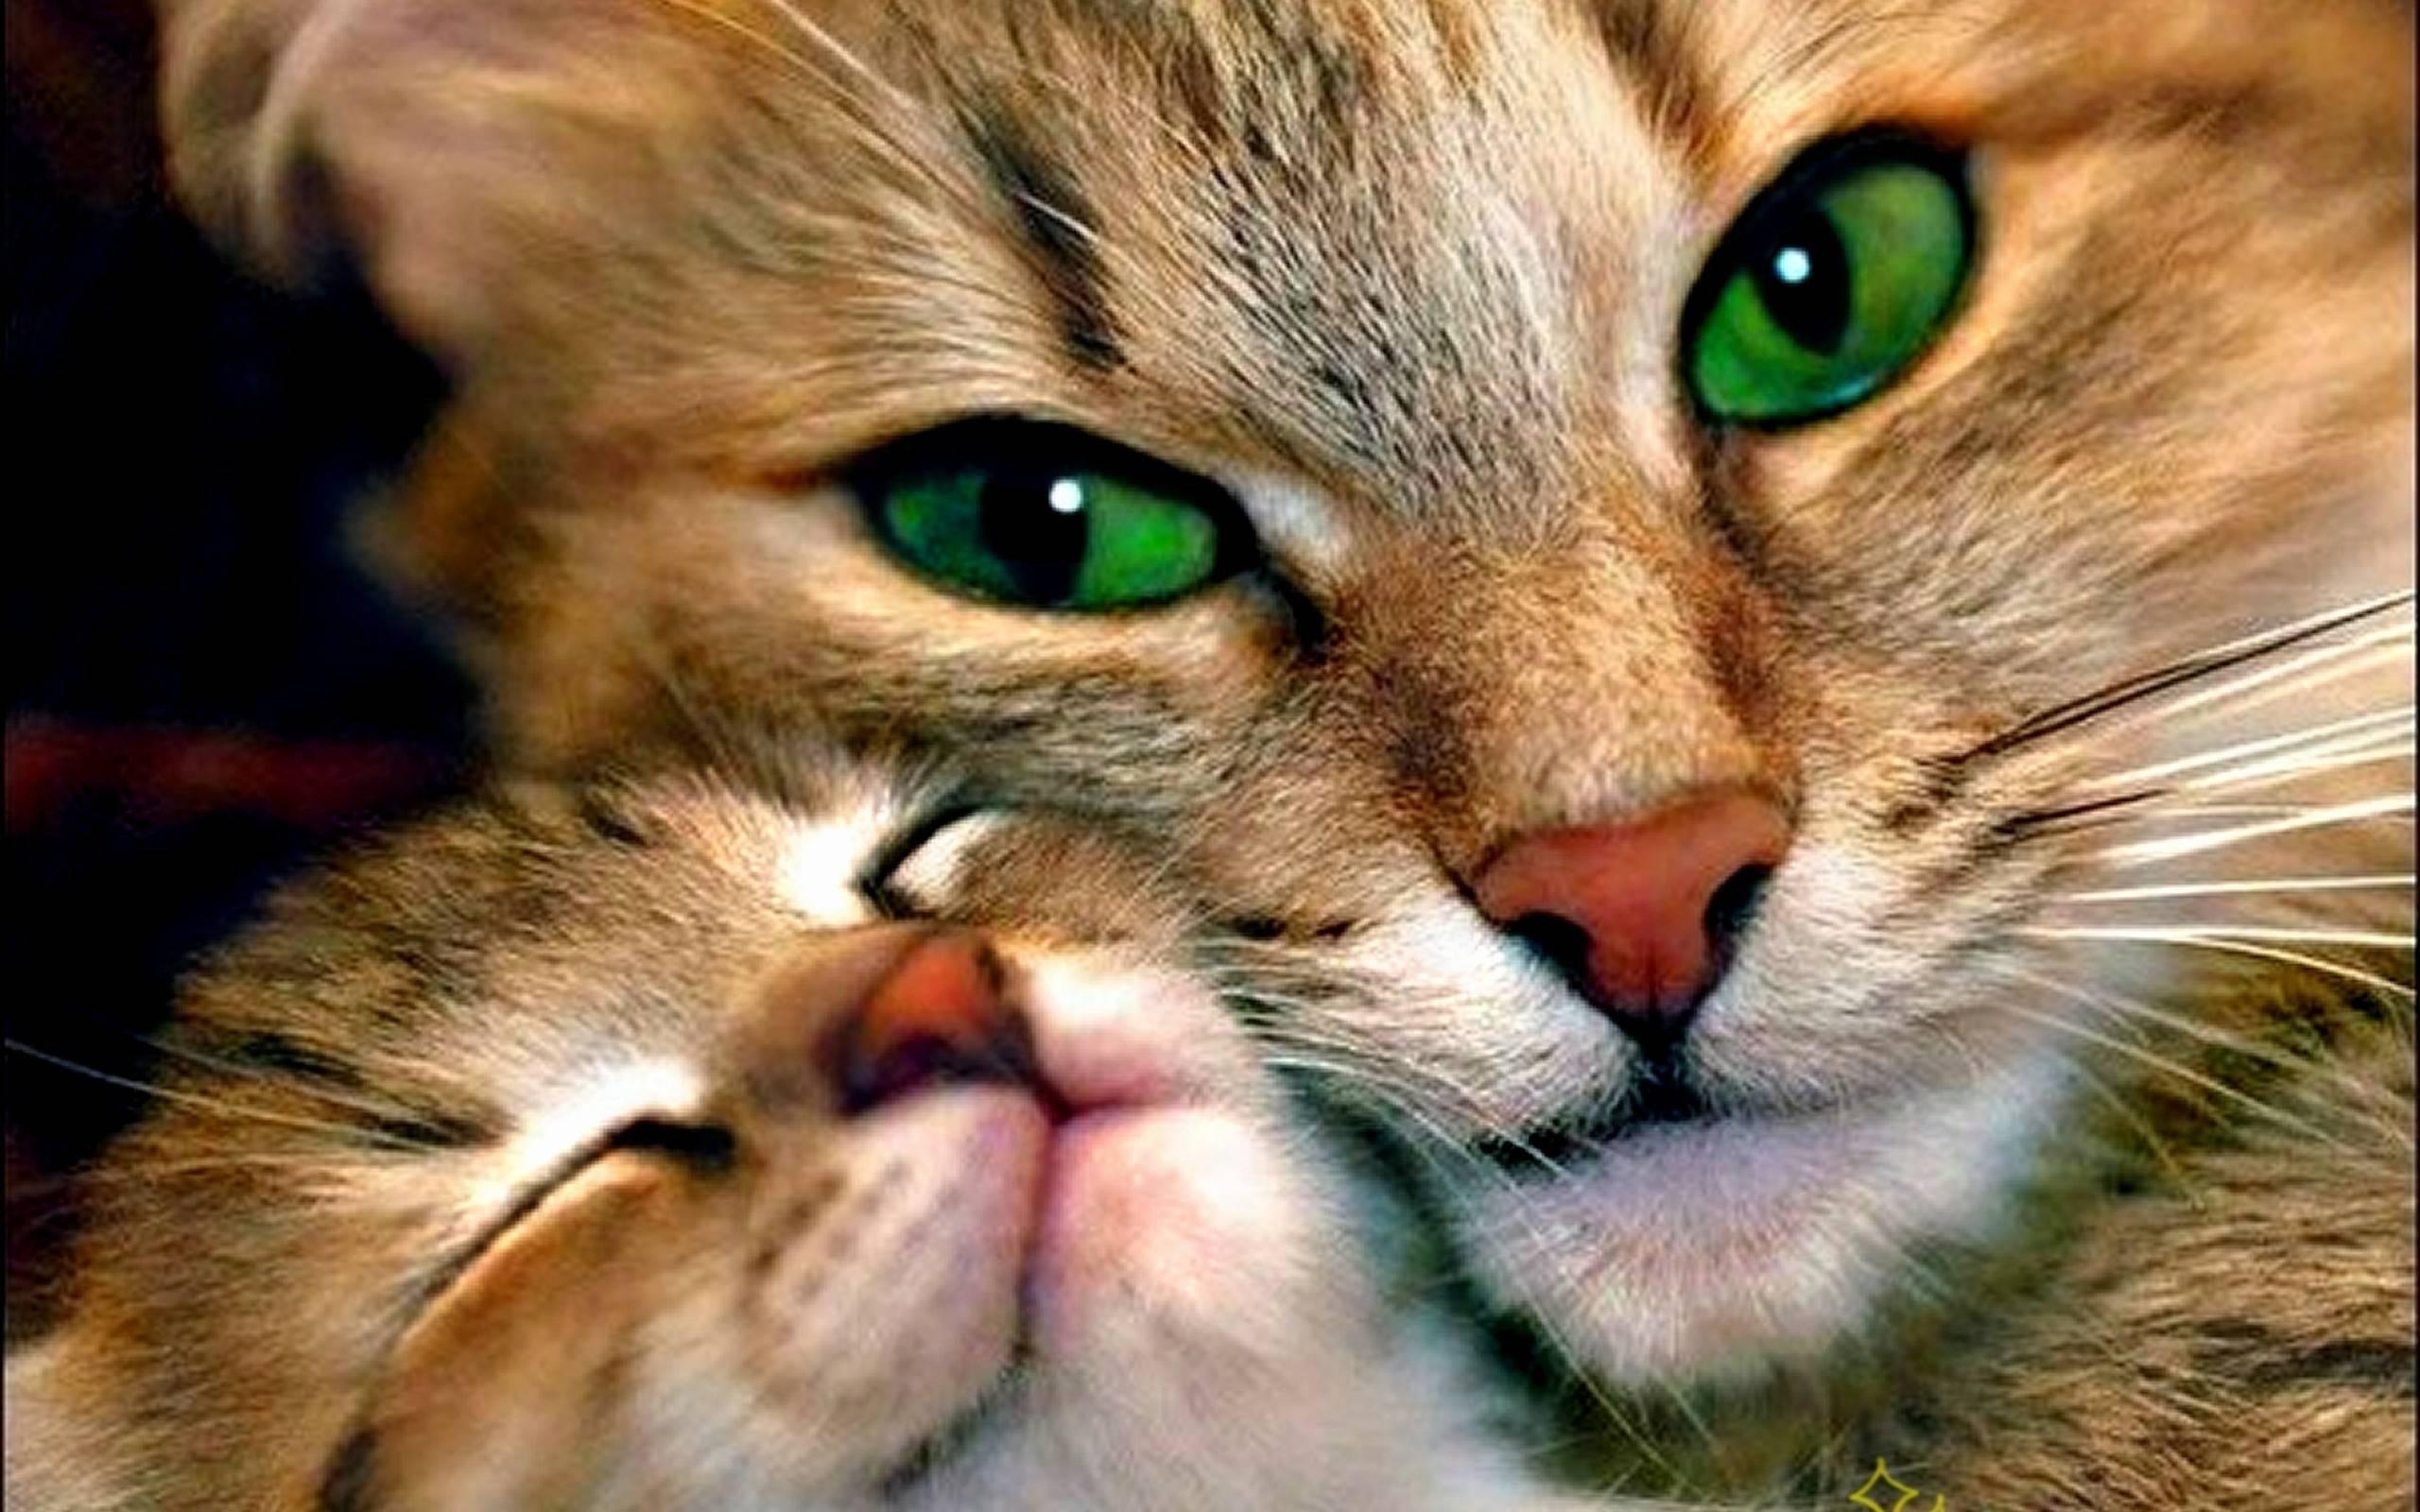 بالصور اجمل الصور للقطط في العالم , احلي صور قطط 6581 5